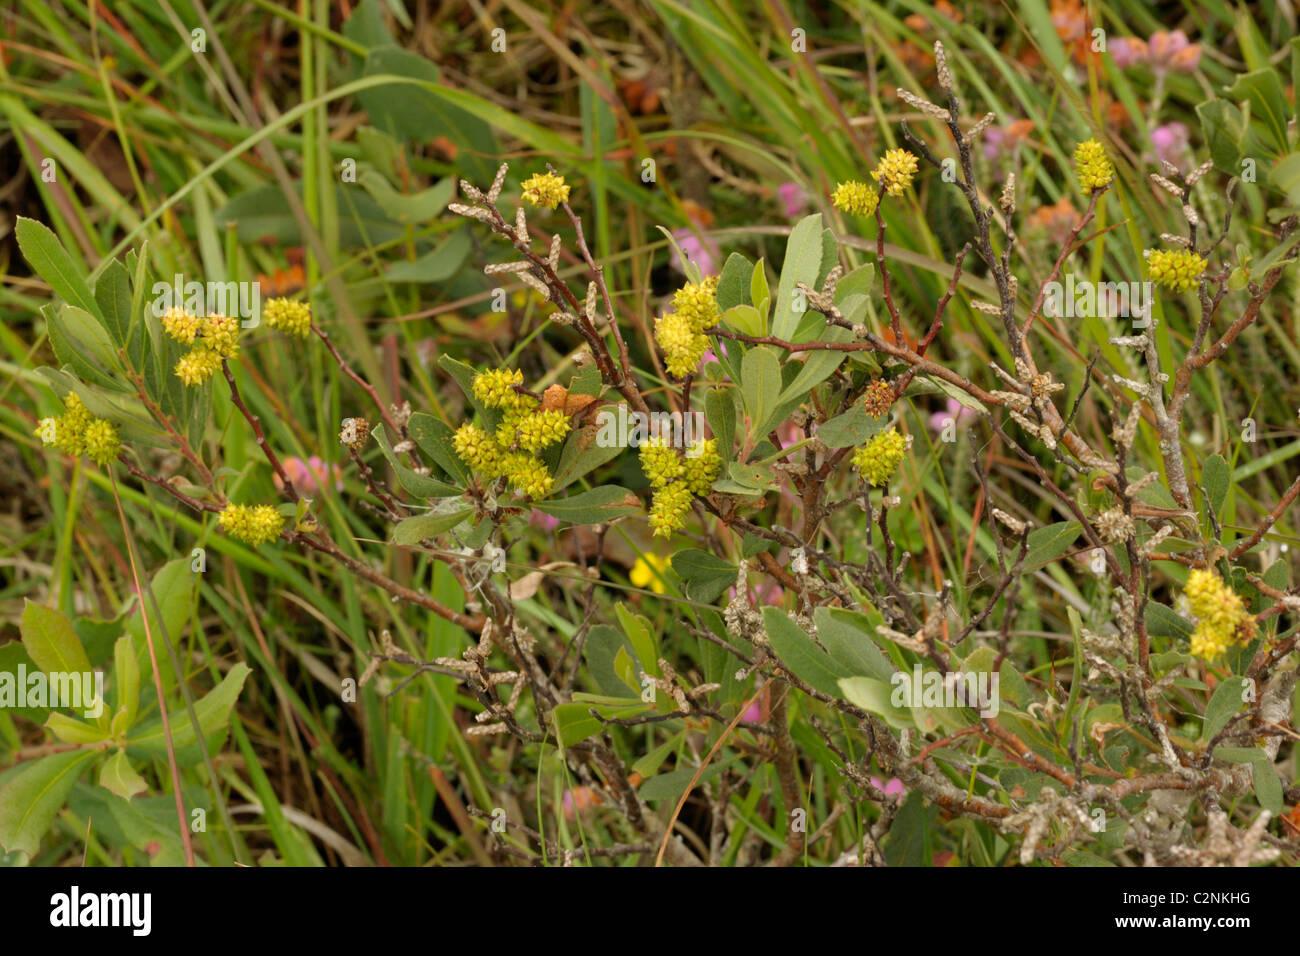 Bog-myrtle, myrica gale - Stock Image